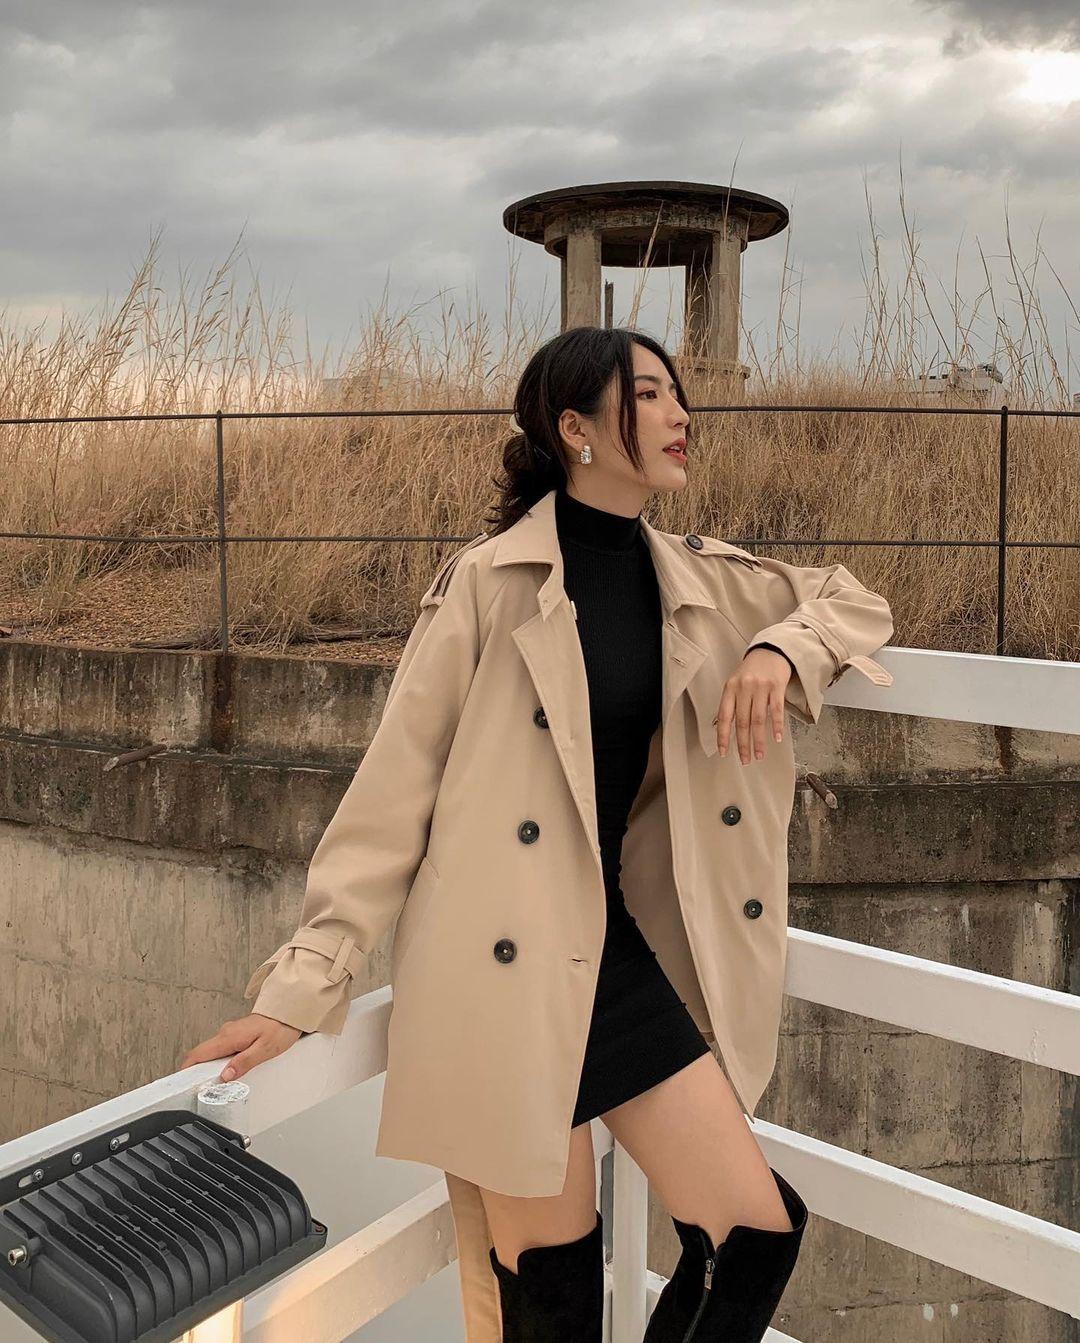 Sài Gòn lạnh rồi, sắm ngay áo khoác trendy từ 400k - Ảnh 4.